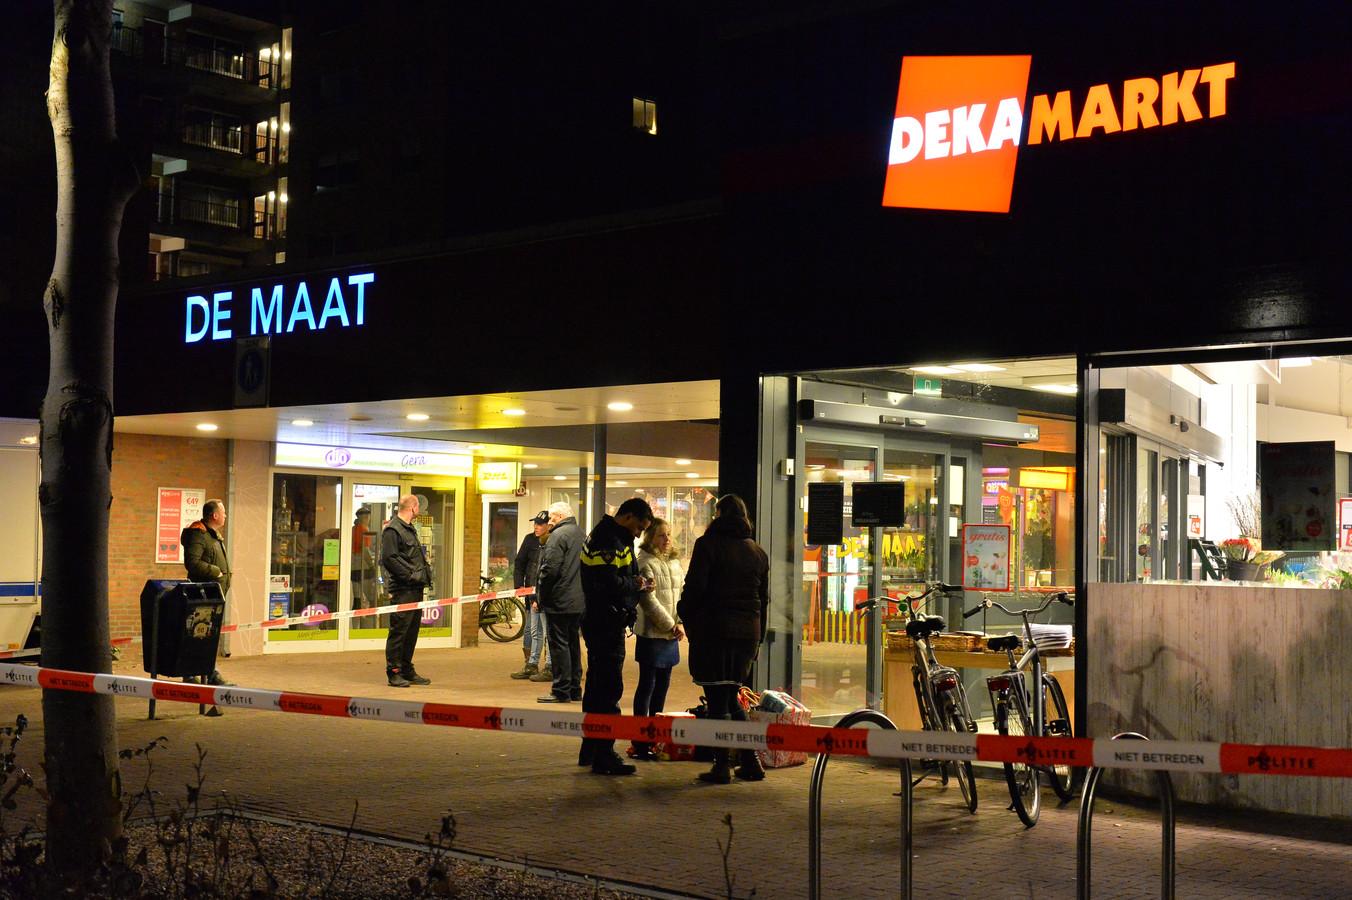 De politie doet onderzoek na de gewapende overval op de Dekamarkt in Apeldoorn in februari 2018